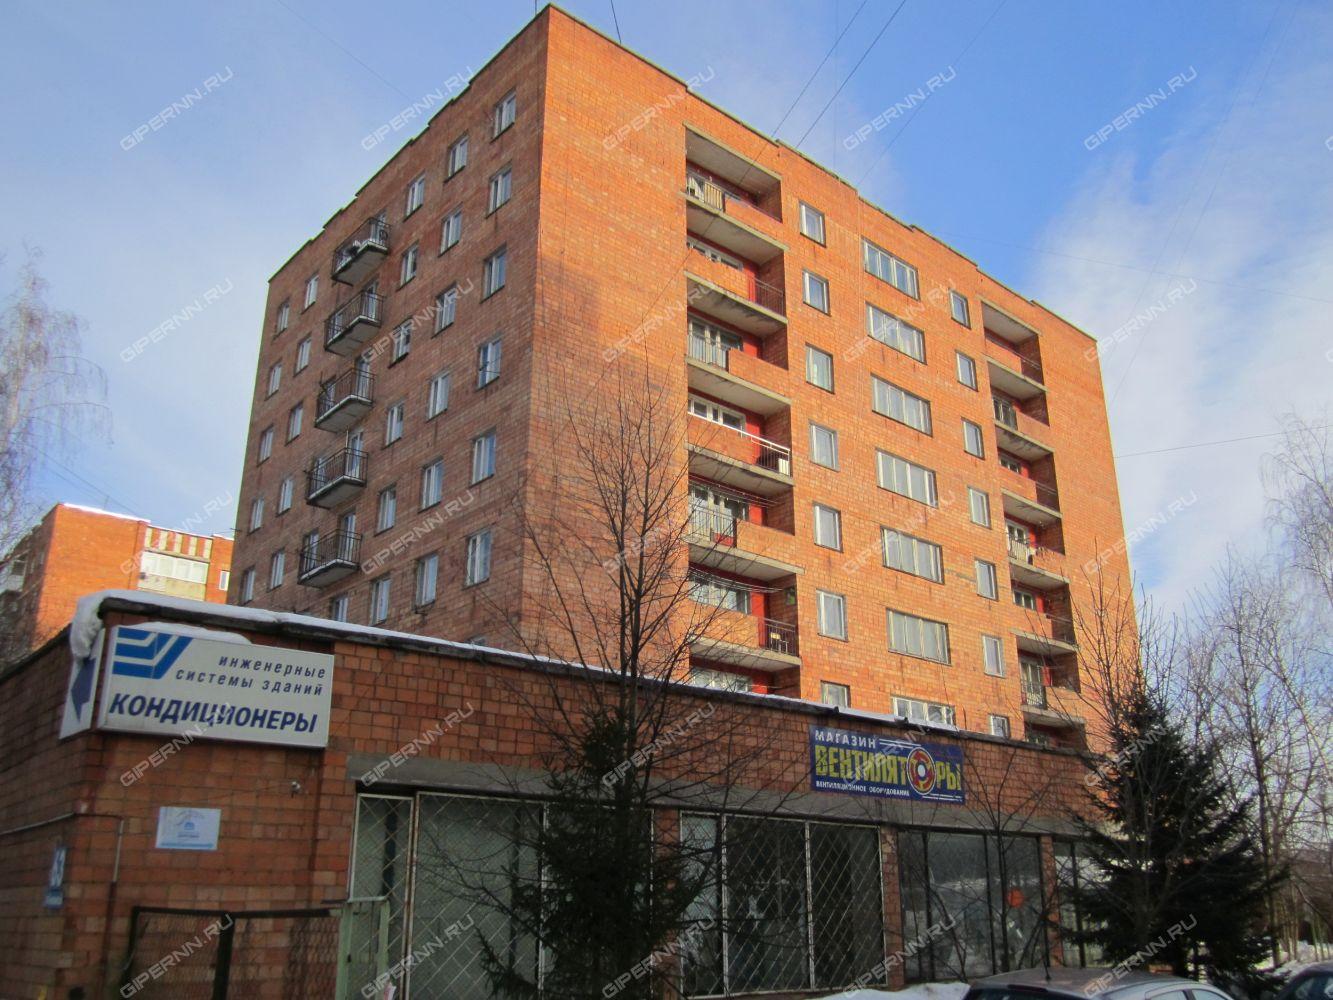 Гипермаркет нижний новгород коммерческая недвижимость аренда офиса в центре харьков